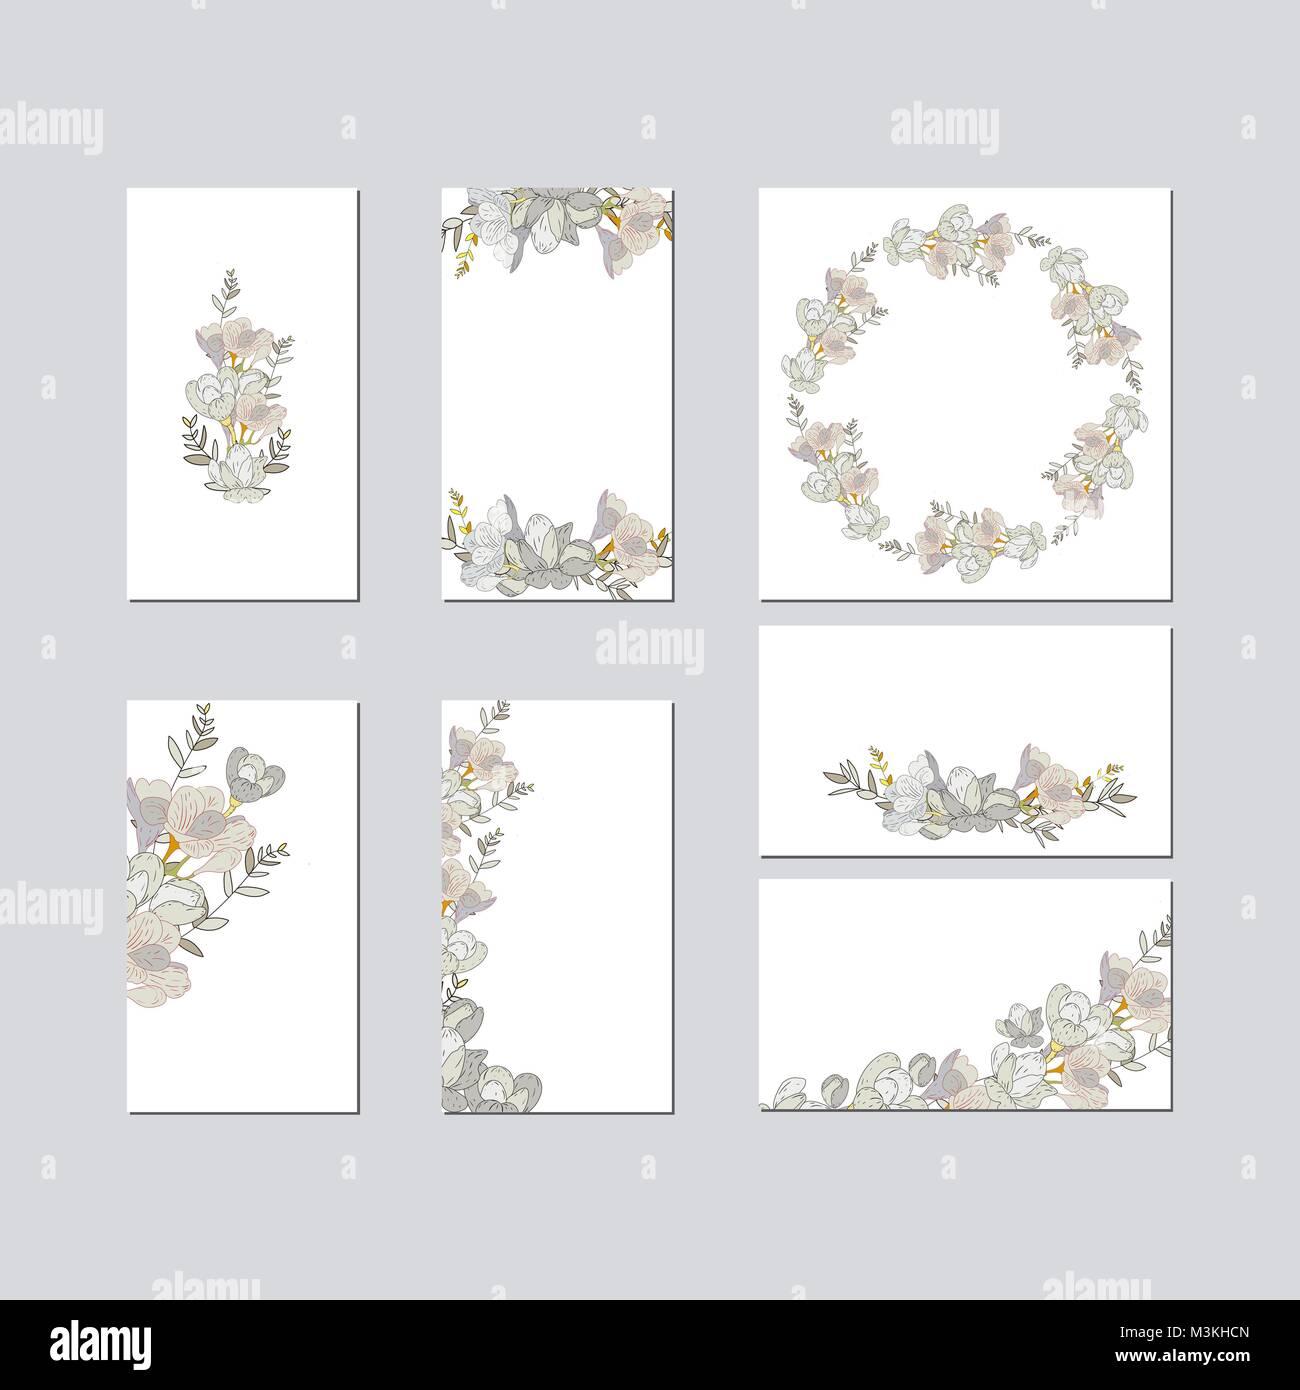 Bunte Begrüßung hochzeit einladung Karte Abbildung. Blume vektor ...